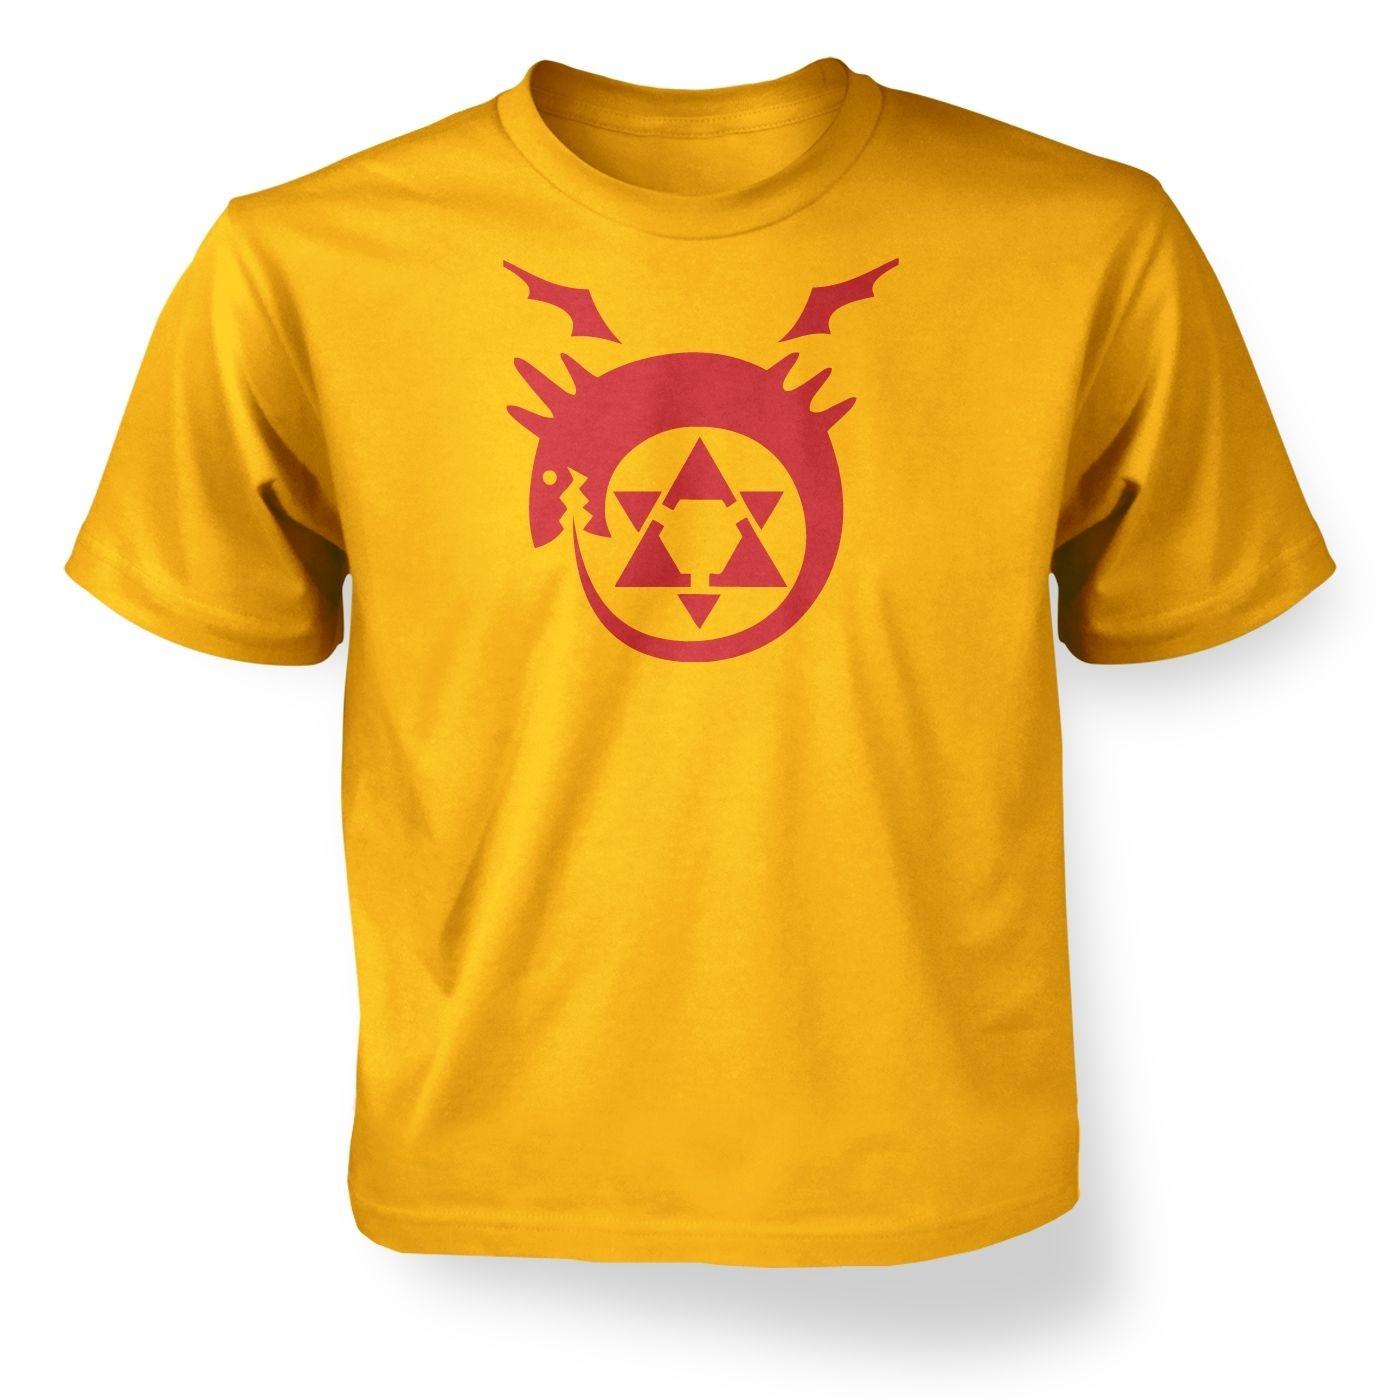 Ouroboros kids' t-shirt